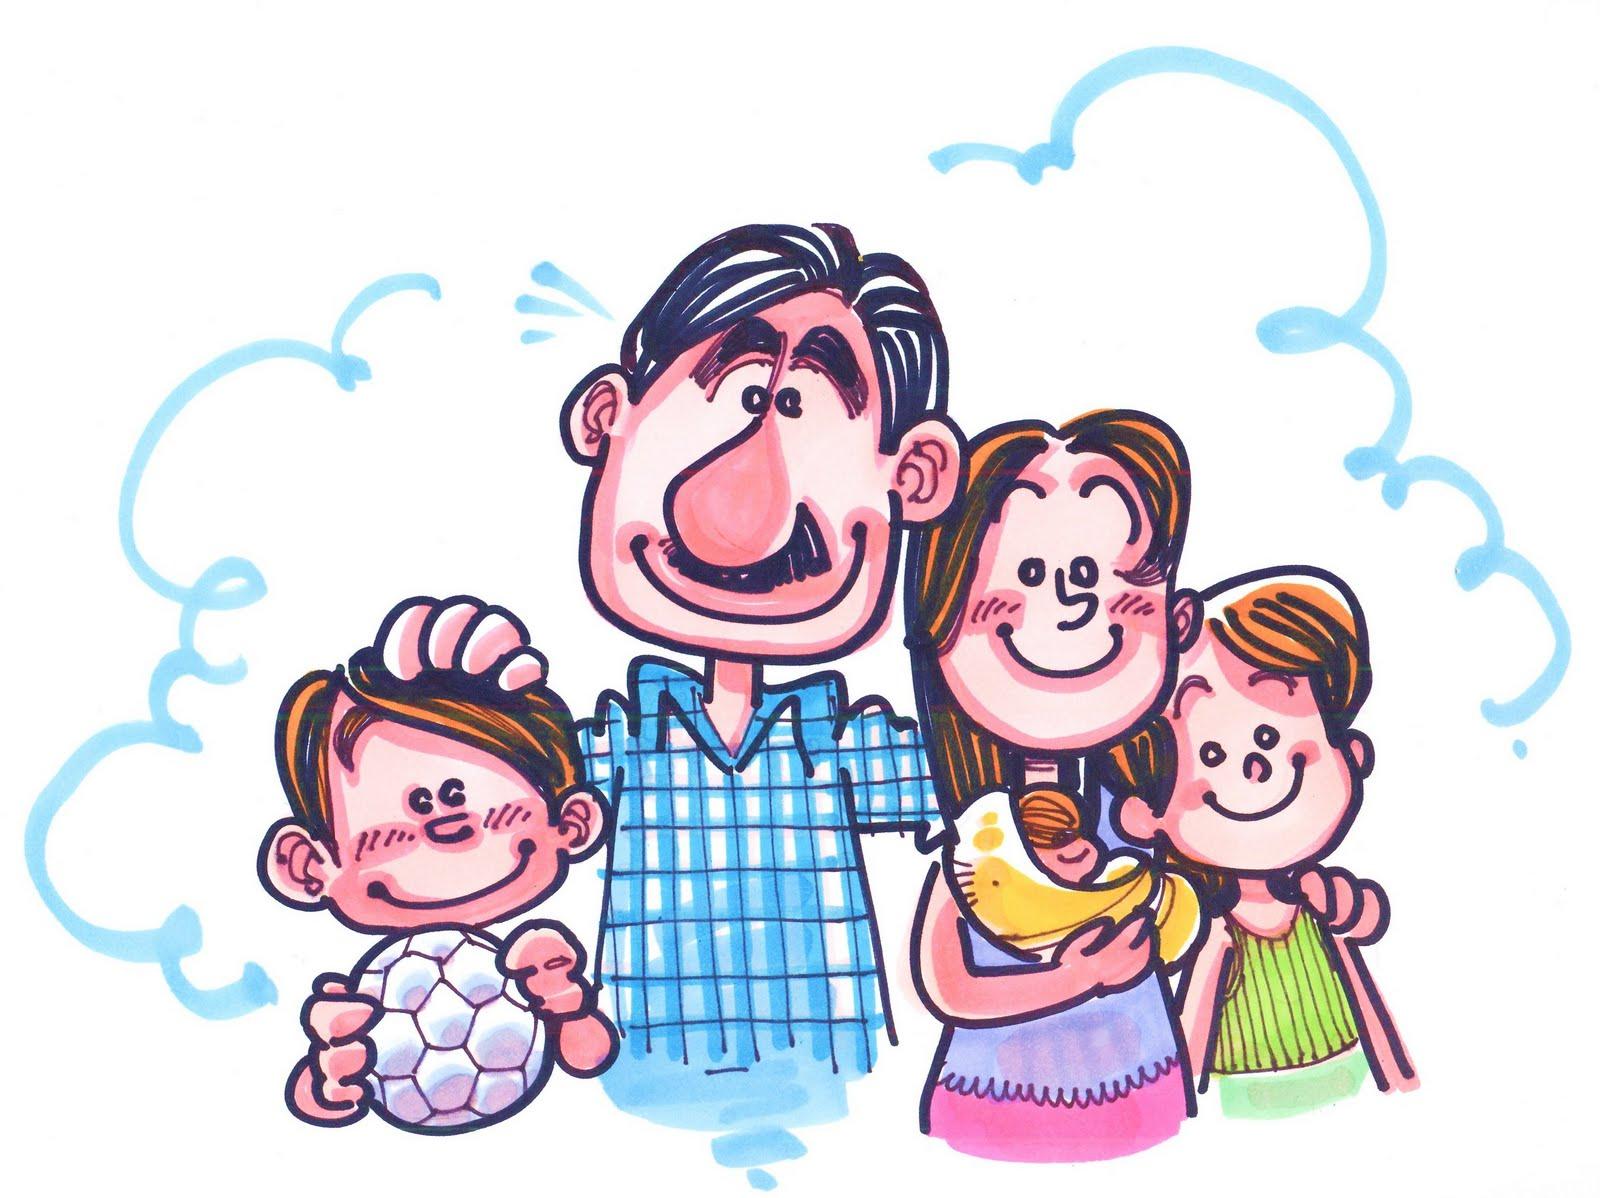 Imagen De Una Familia Feliz Animada: Dibujos Animados De Familias Felices